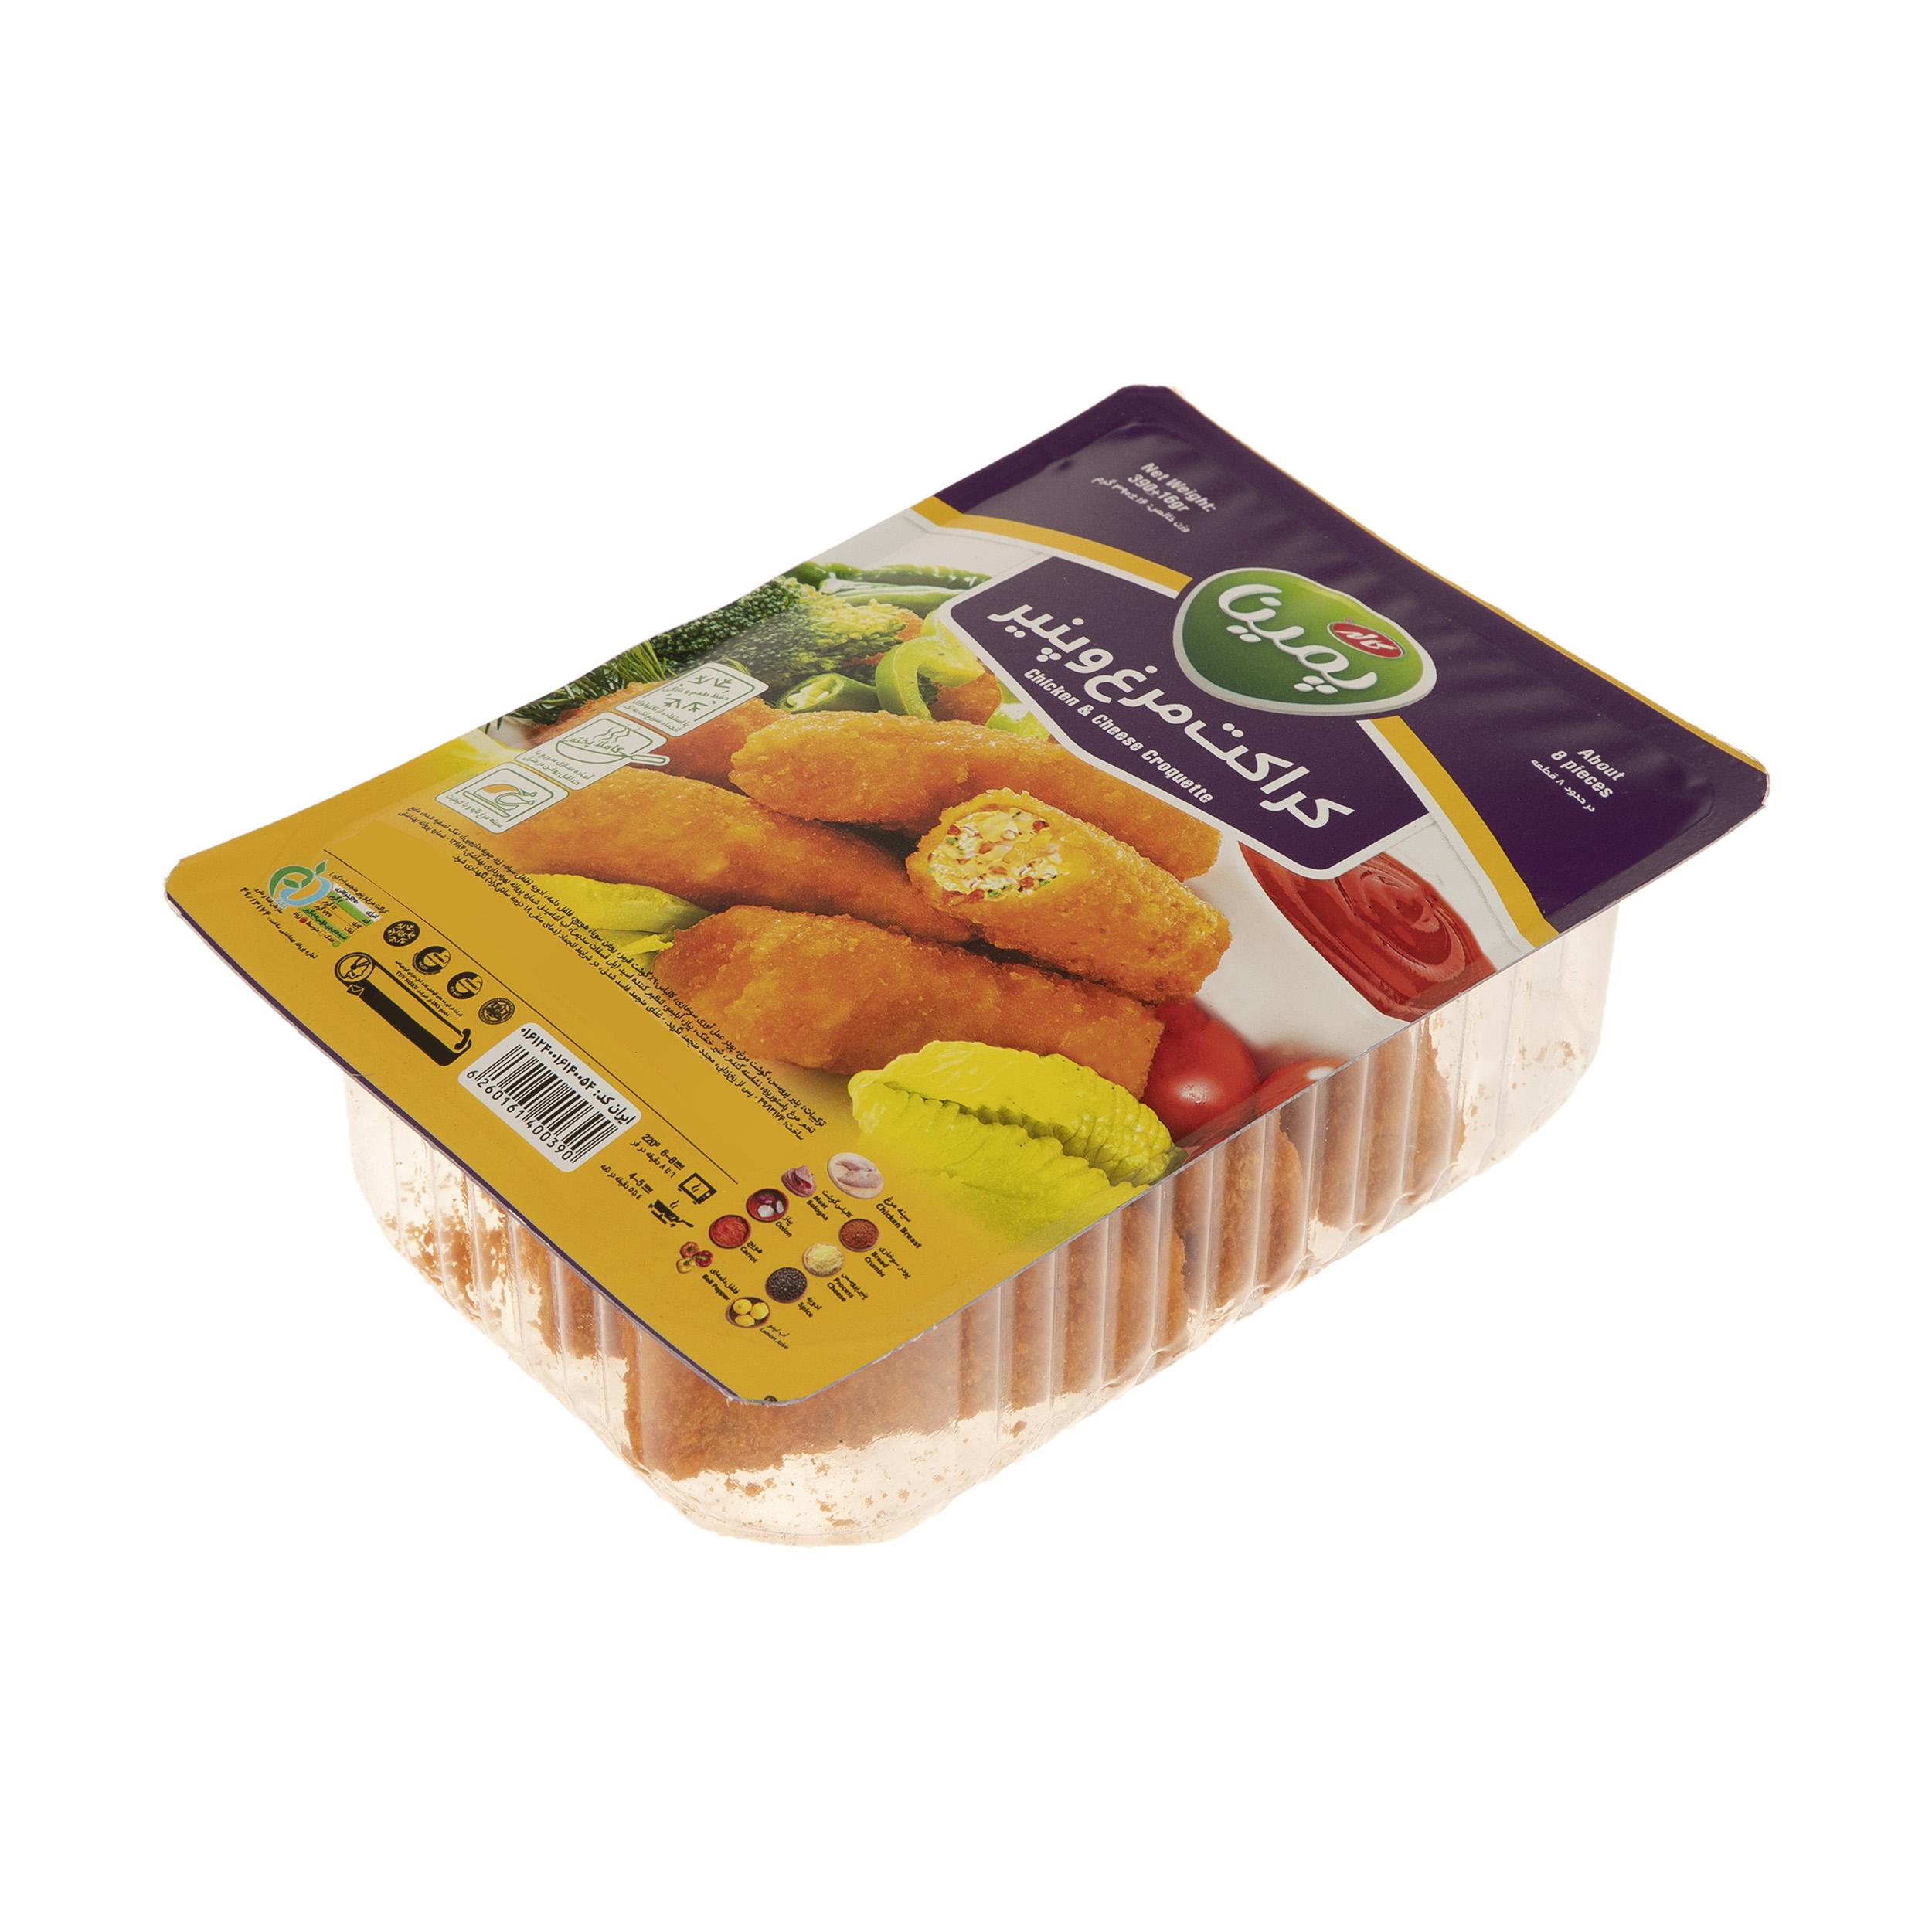 کراکت مرغ و پنیر پمینا مقدار 390 گرم